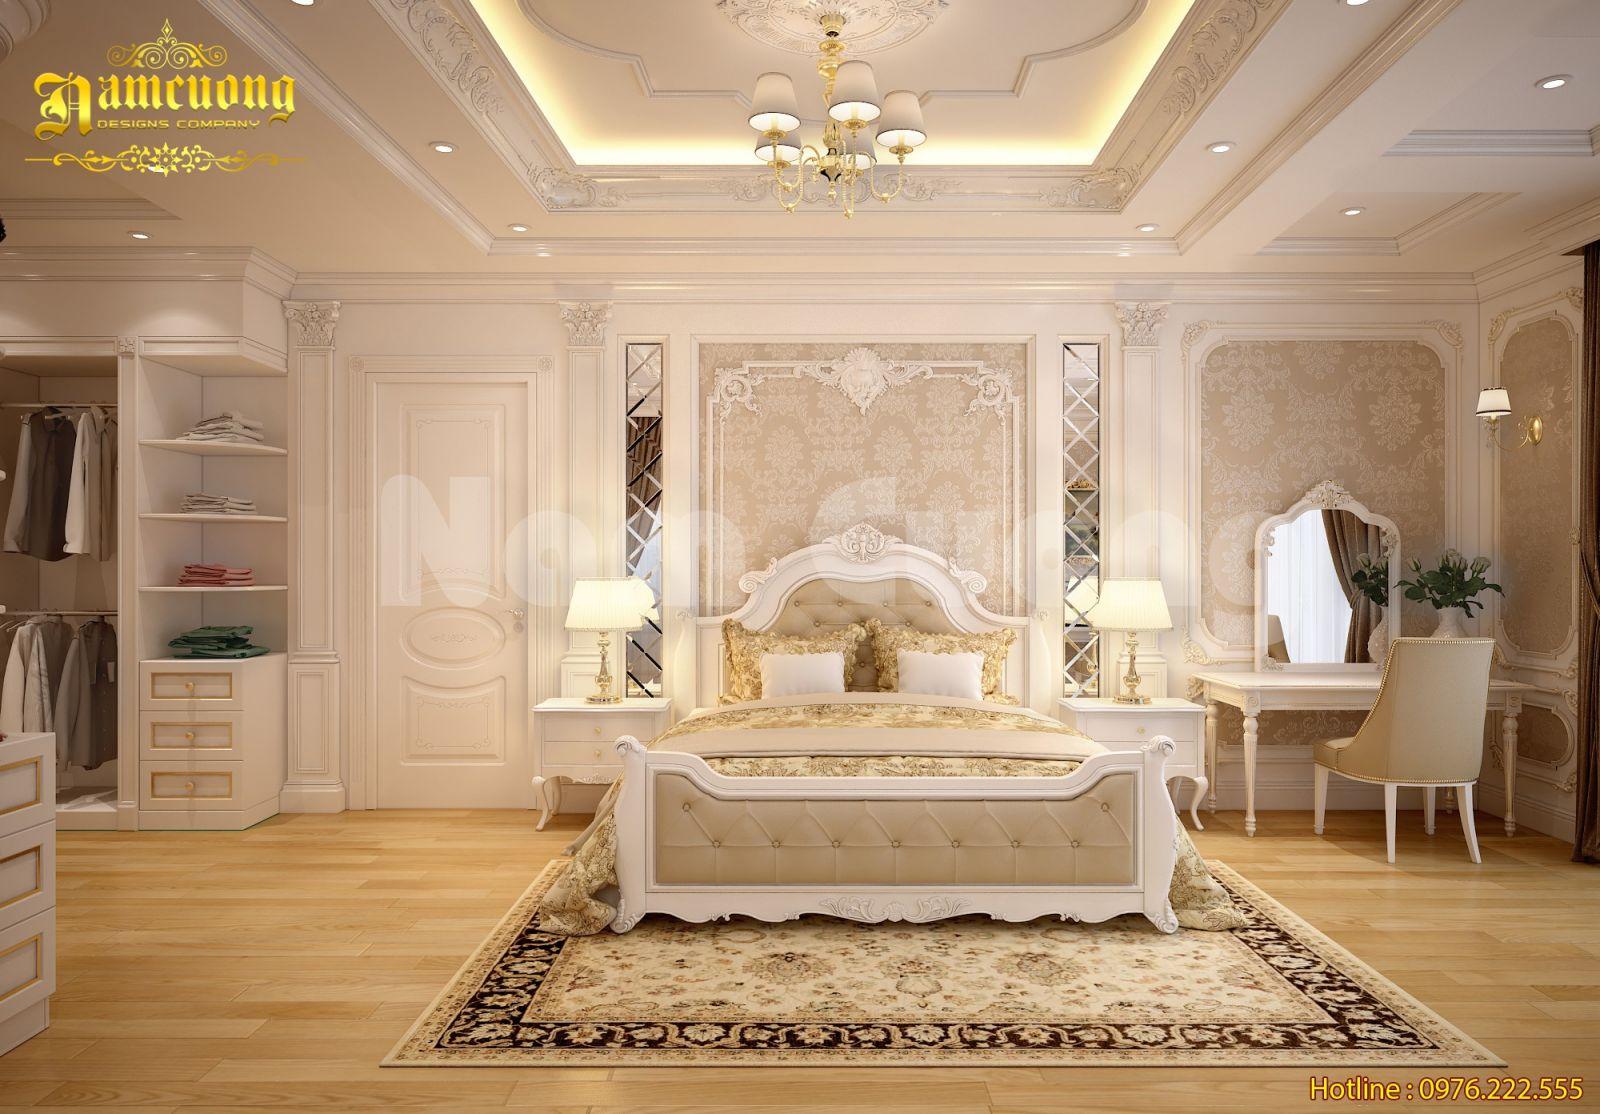 Bí quyết giúp tự thiết kế nội thất đẹp như chuyên gia